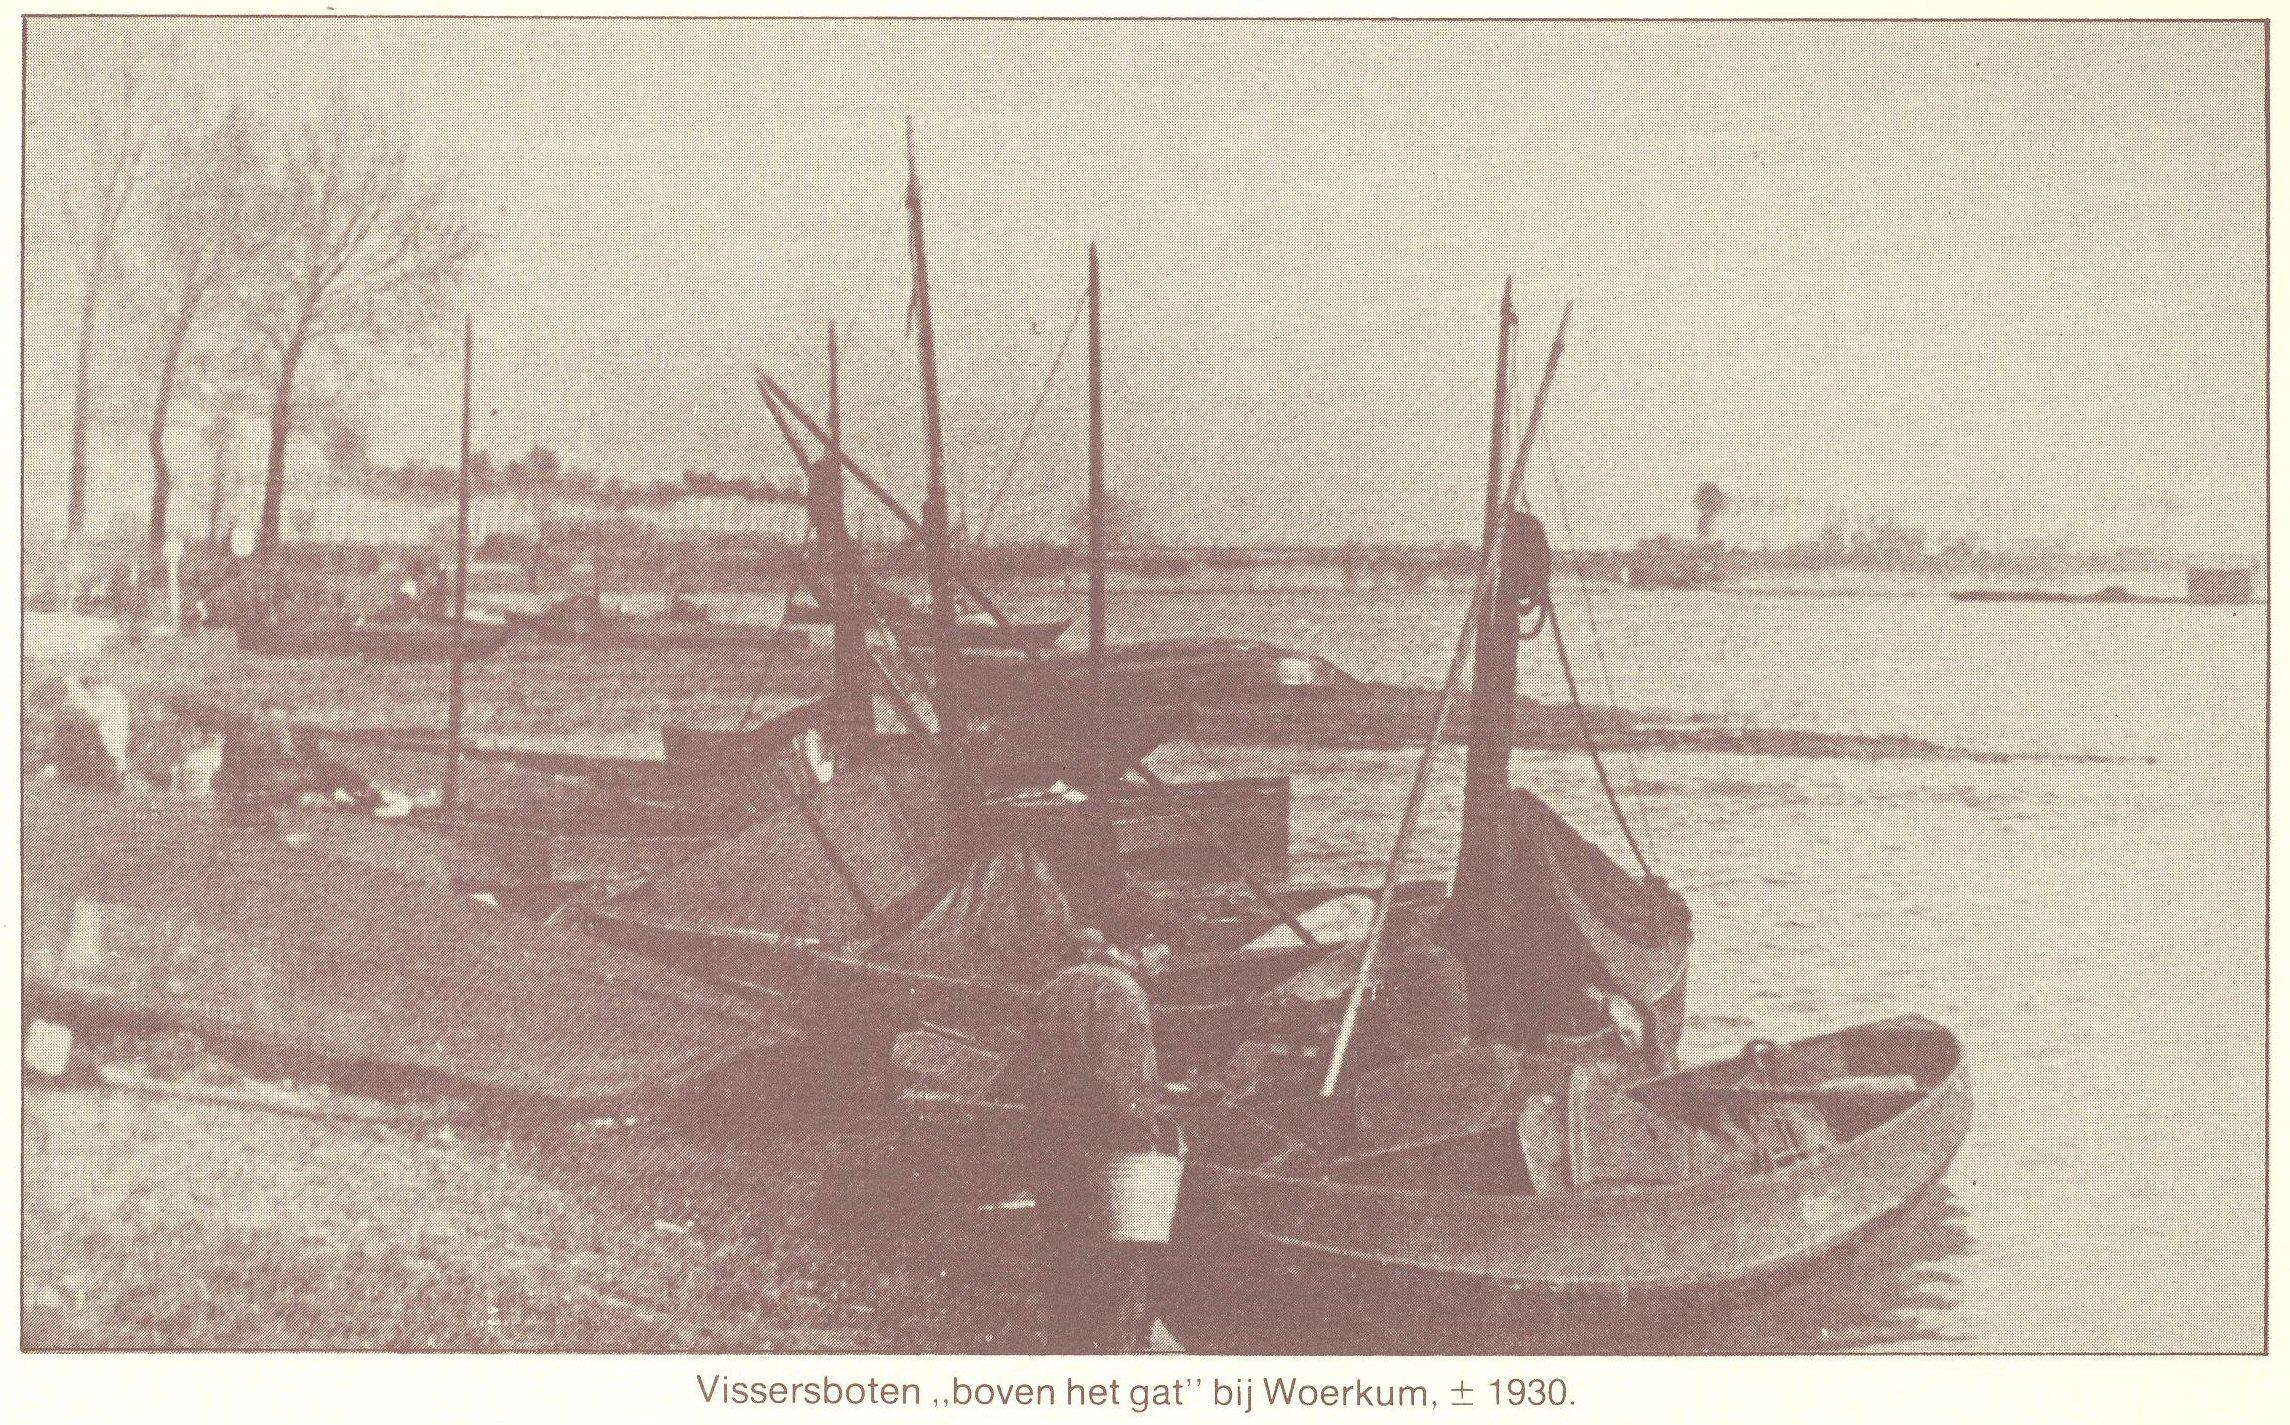 Verjaardagkalender 001c - stichting De Oude Vissershaven